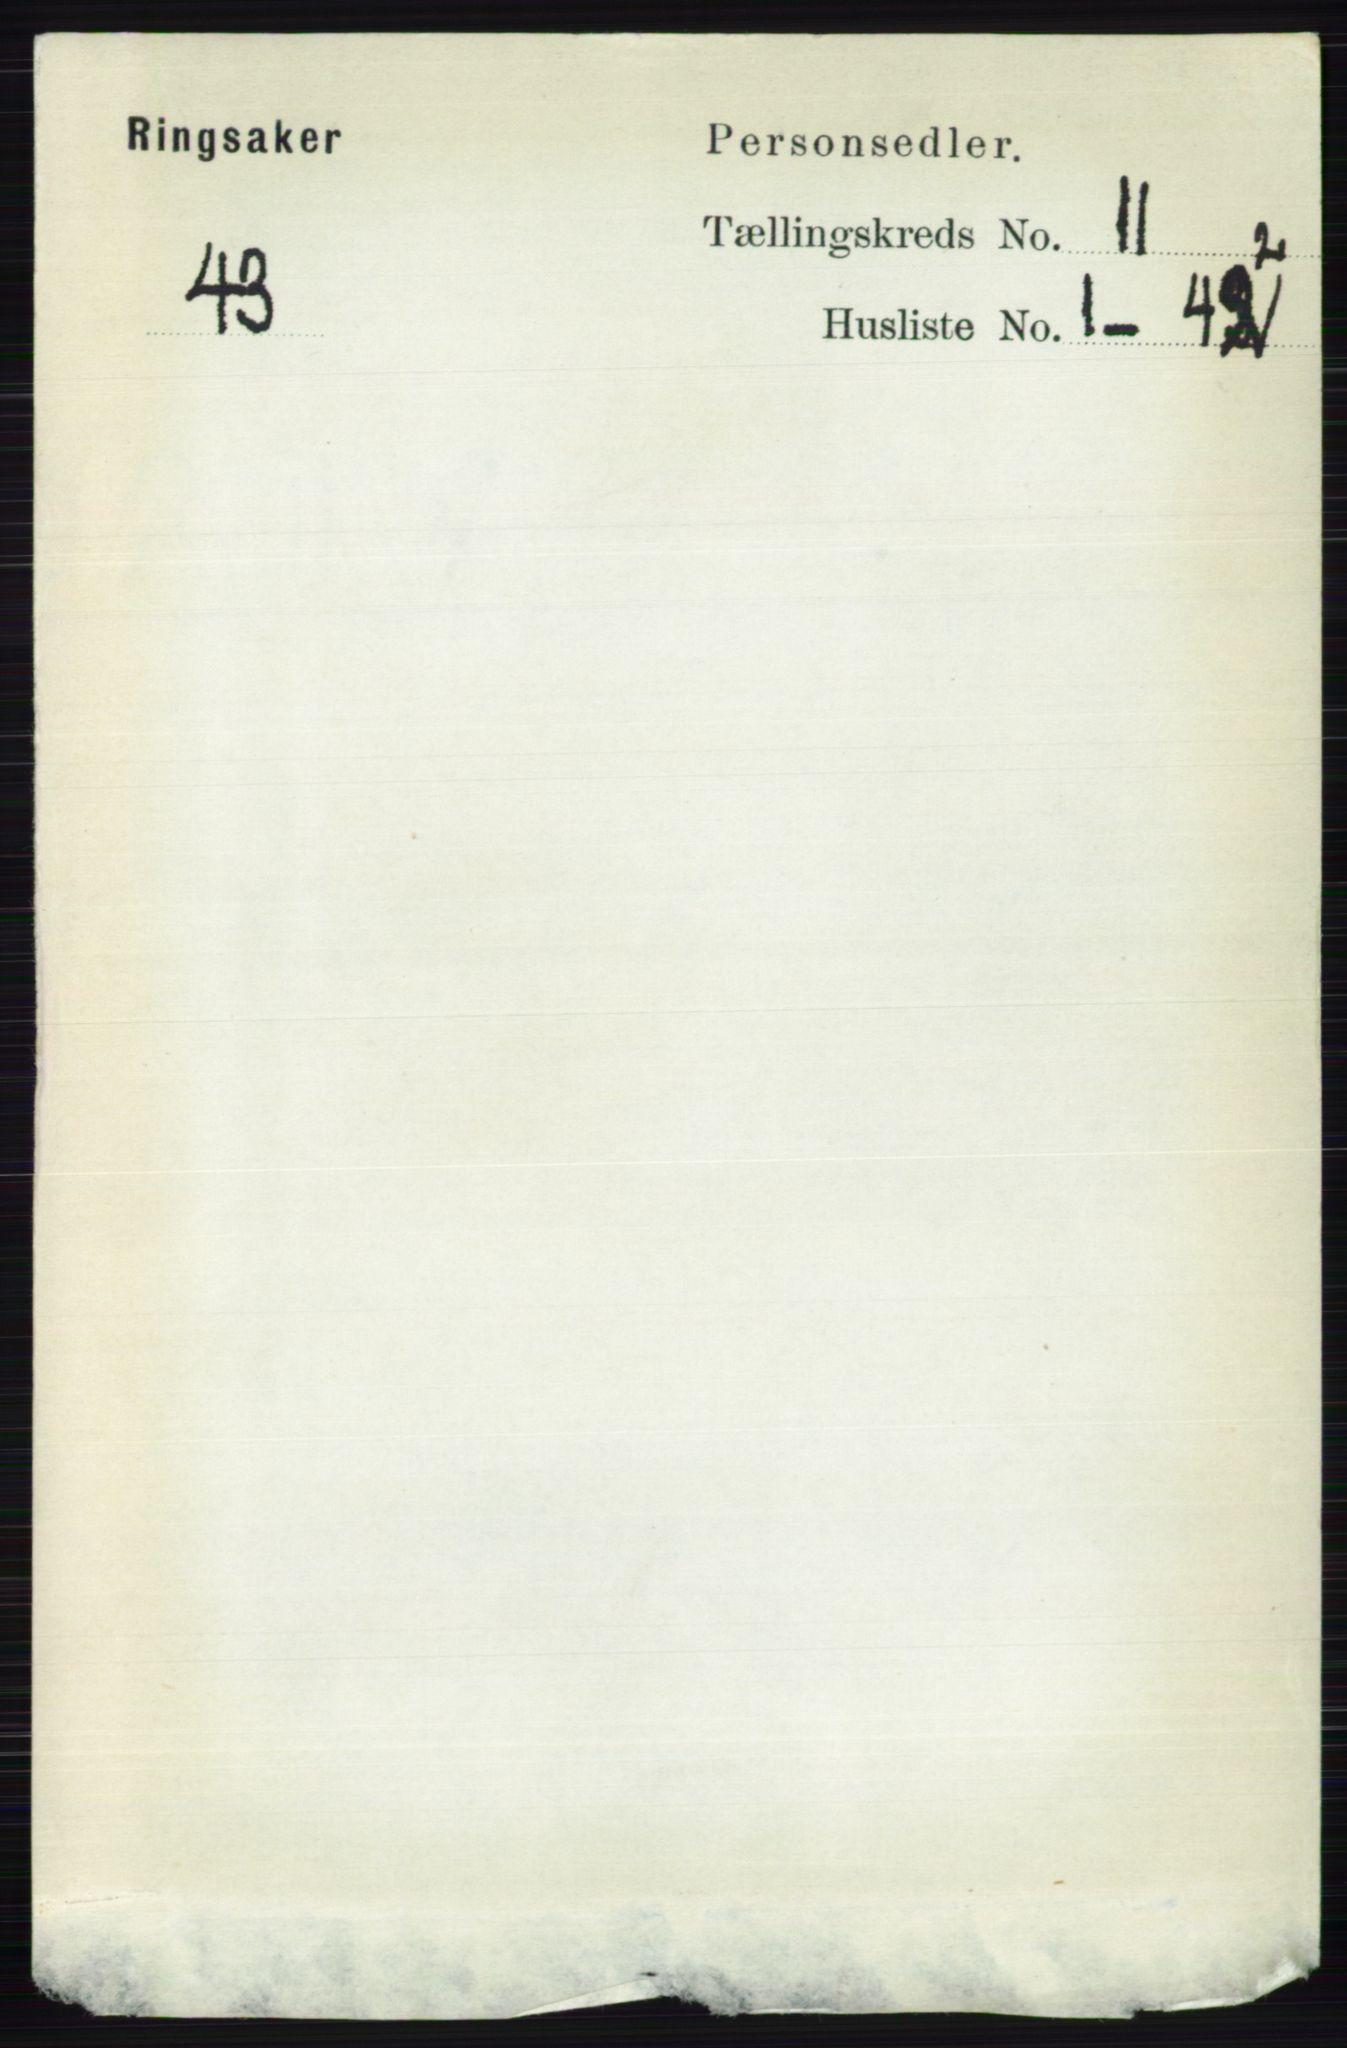 RA, Folketelling 1891 for 0412 Ringsaker herred, 1891, s. 6257